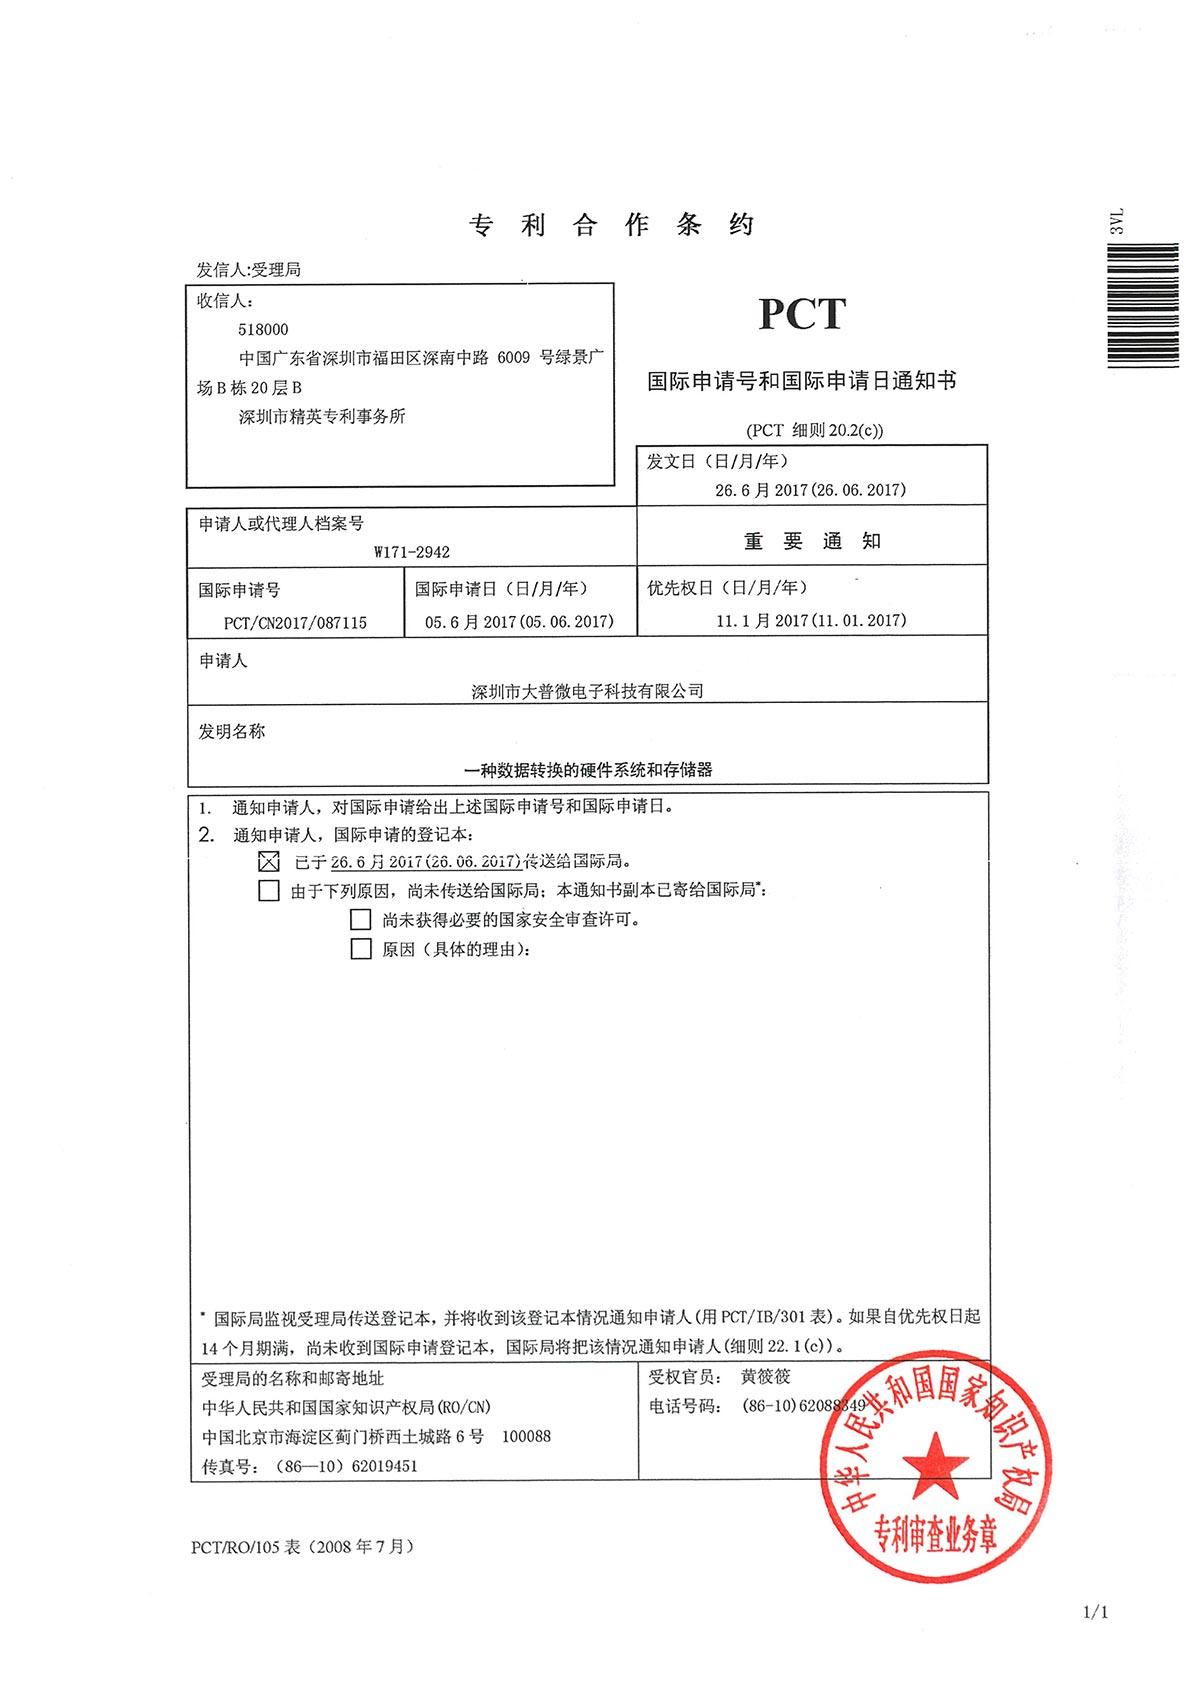 DPCT1-17001 国际申请号和申请日通知书